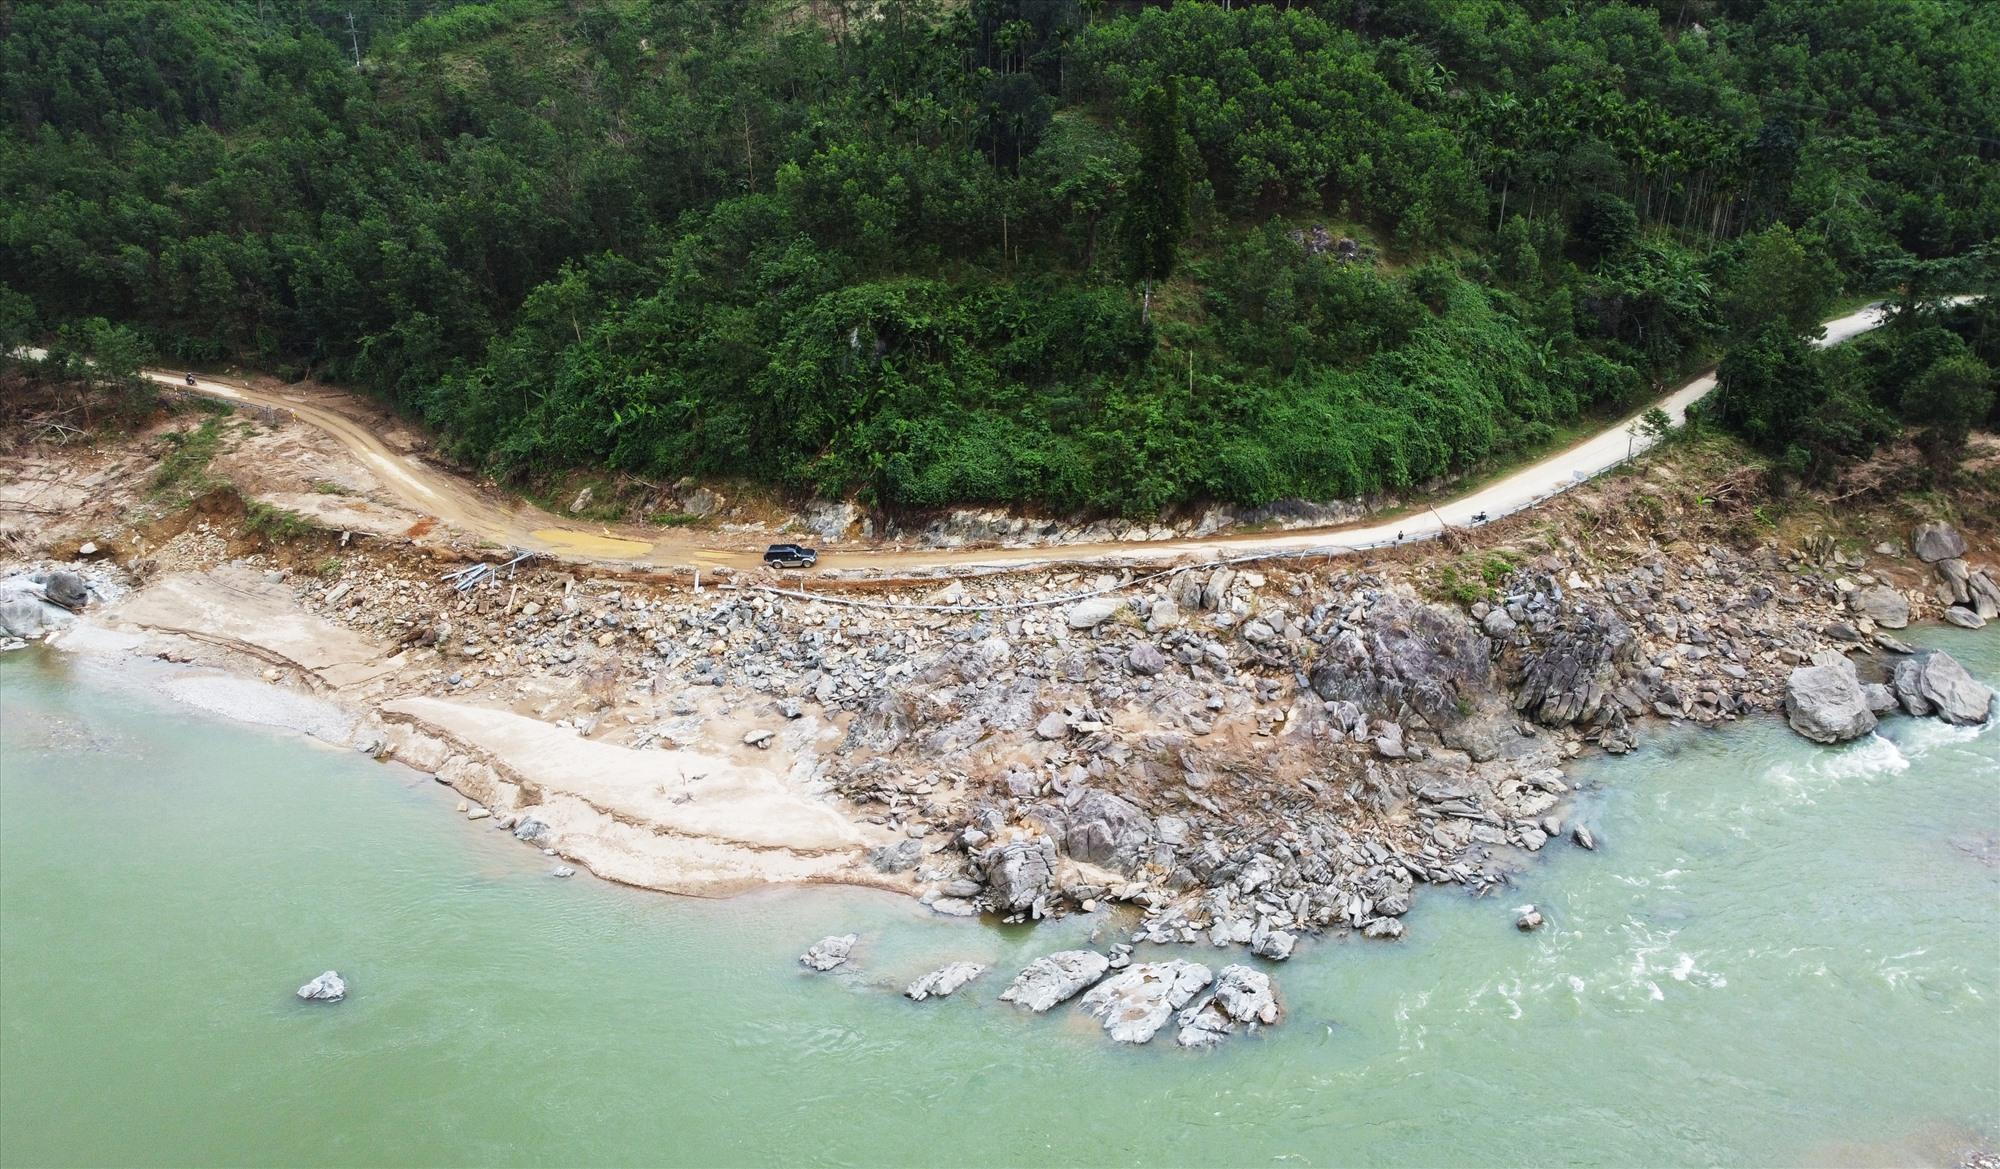 Km90 qua xã Trà Tập nằm bên bờ sông Tranh bị nước lũ cuốn phăng ta luy, lan can và một phần mặt đường.